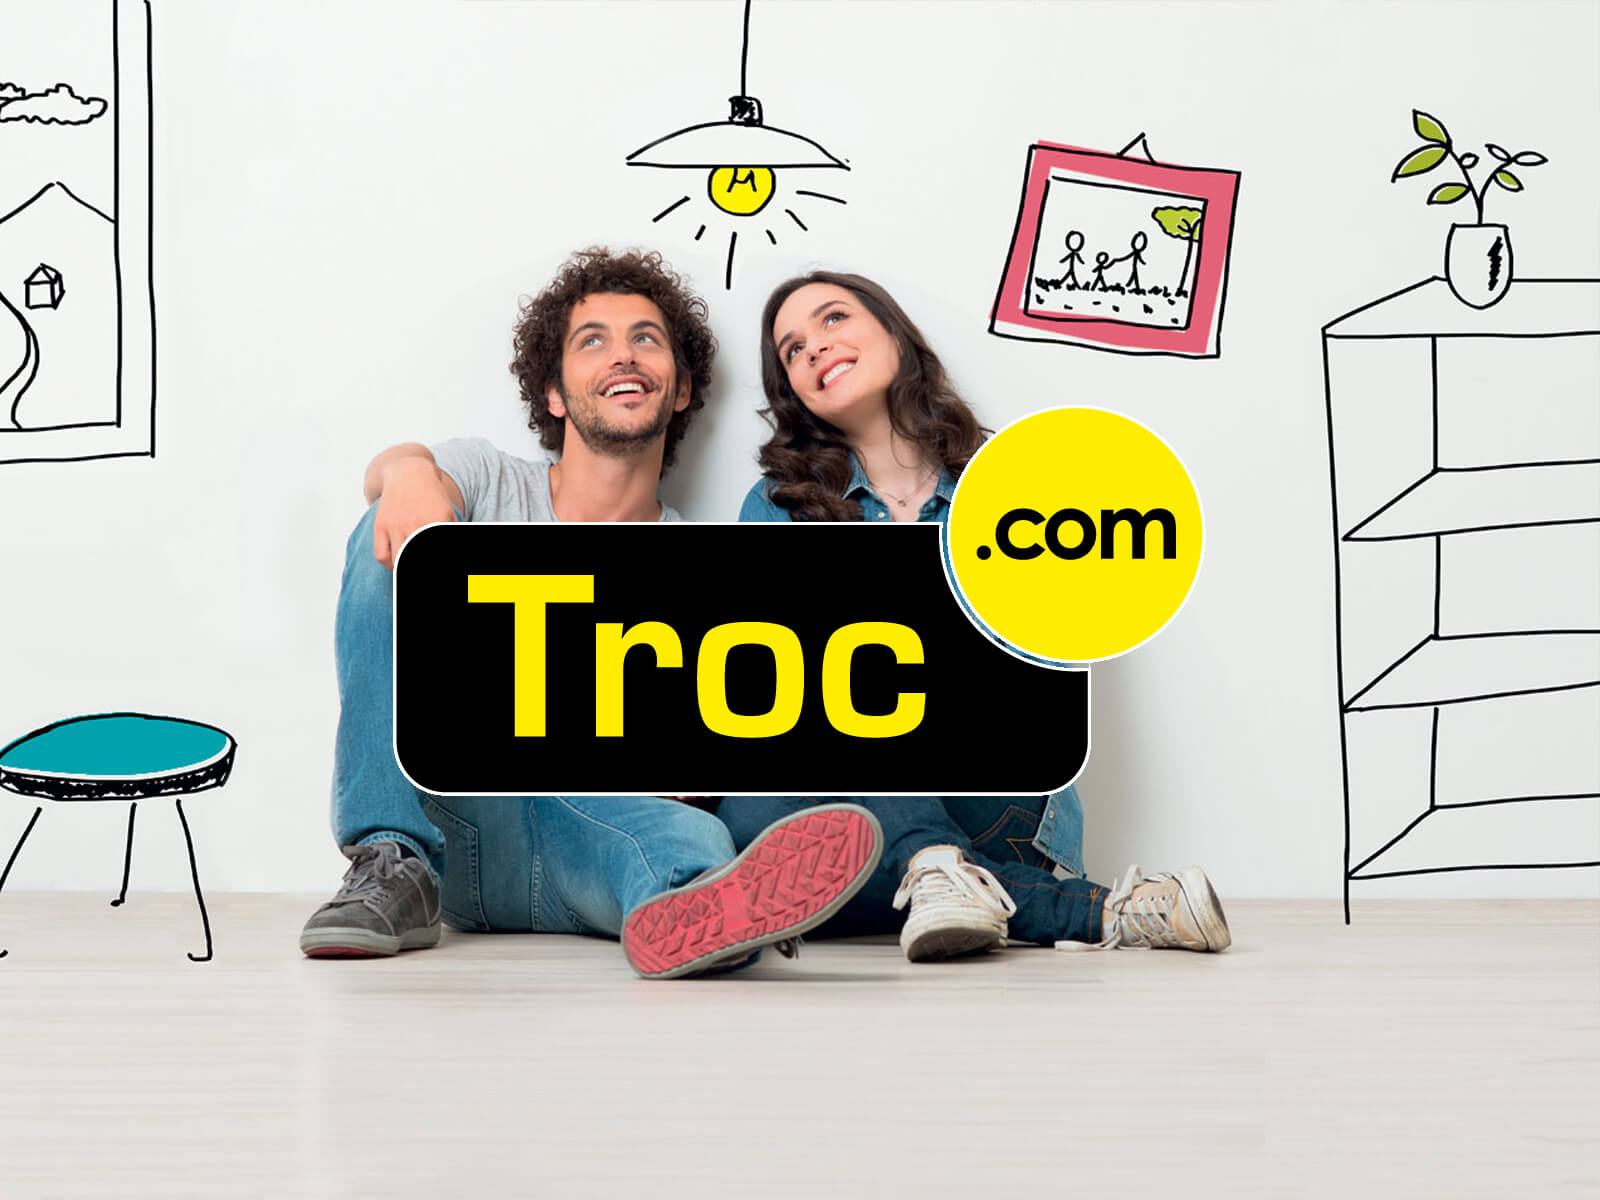 Troccom Achat Vente Doccasion En Ligne Ou En Dépôt Vente